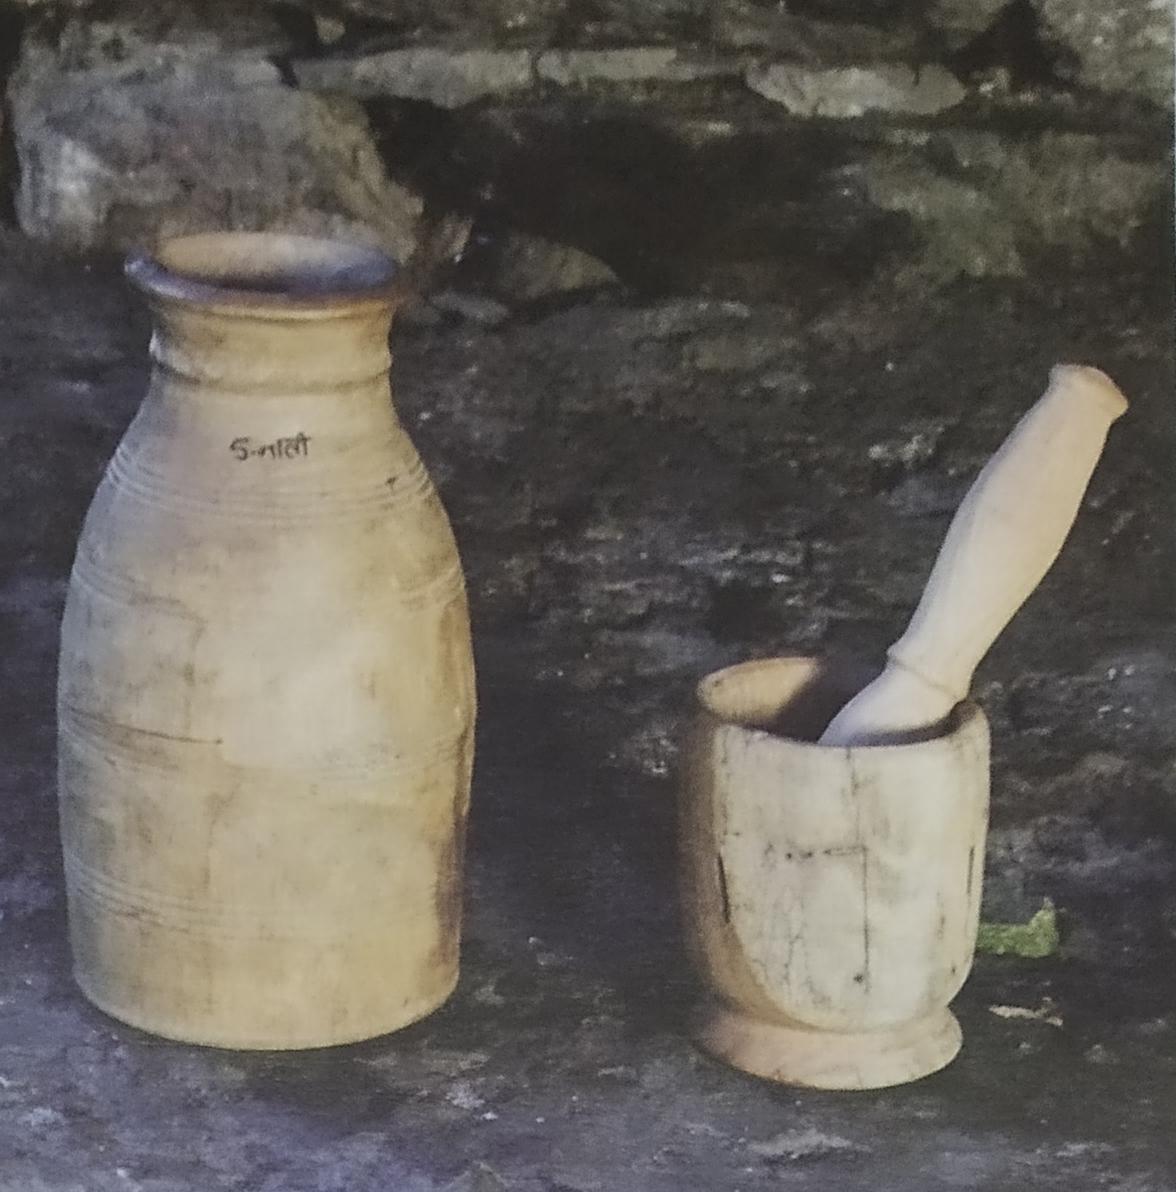 Water Lathe Wood Craft of Uttarakhand